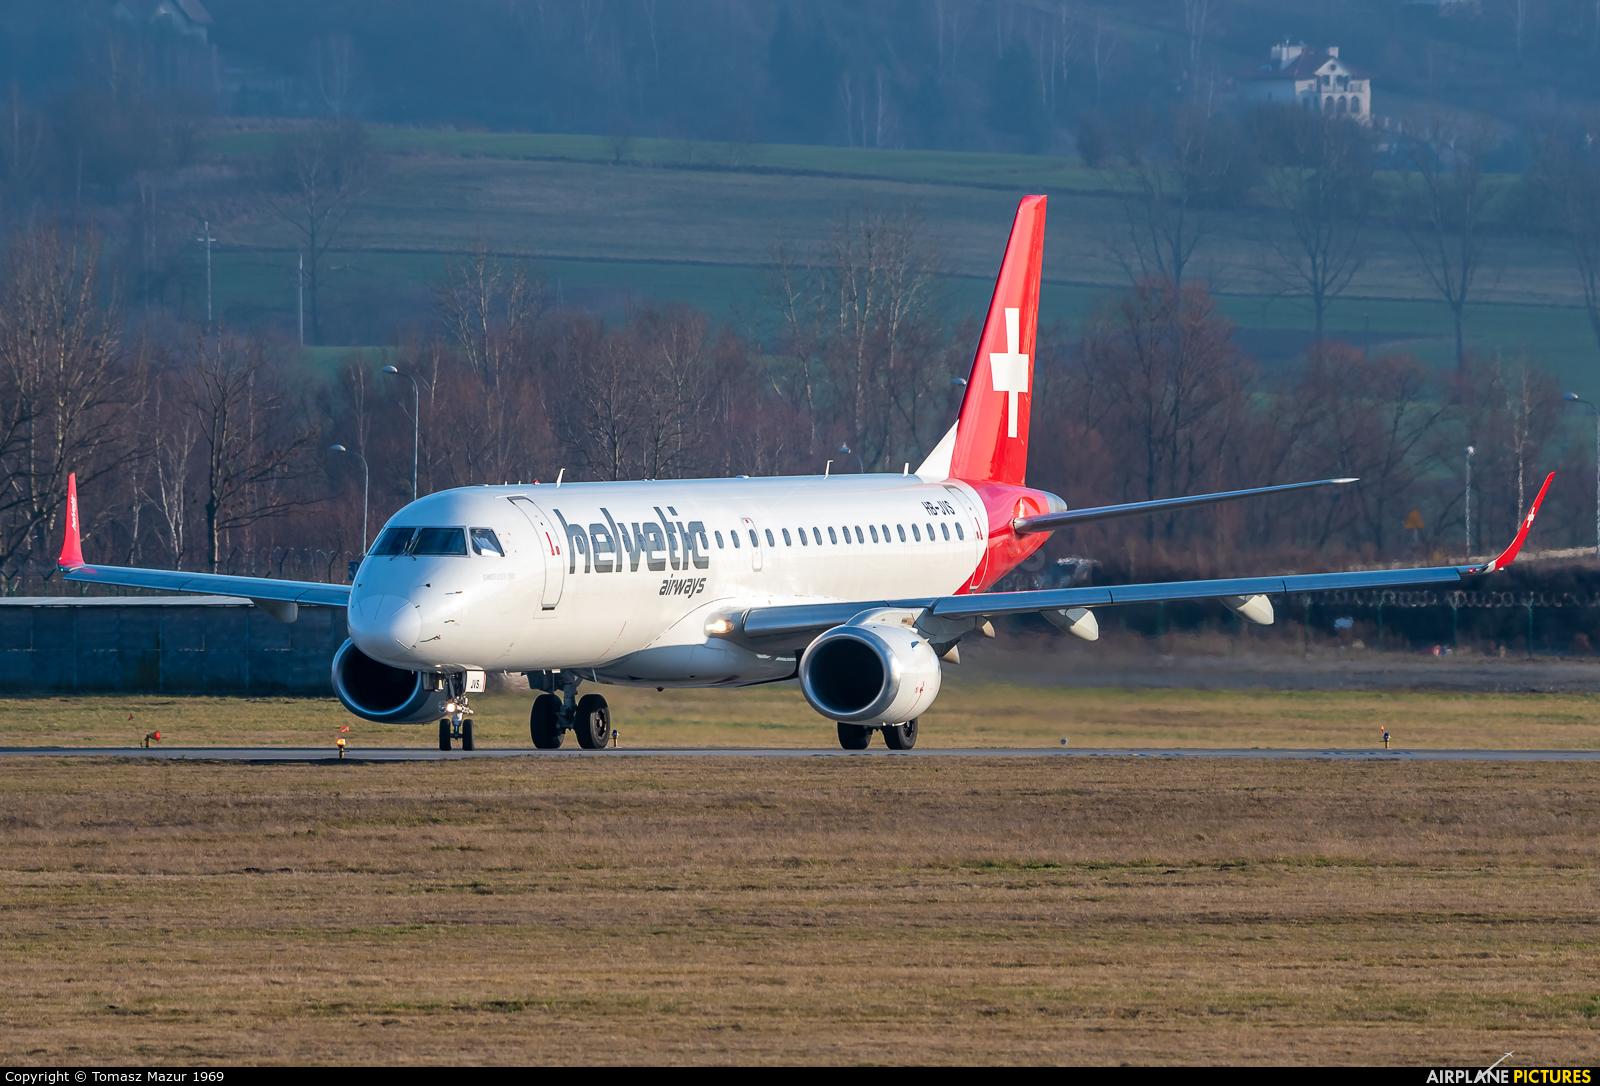 Helvetic Airways HB-JVS aircraft at Kraków - John Paul II Intl